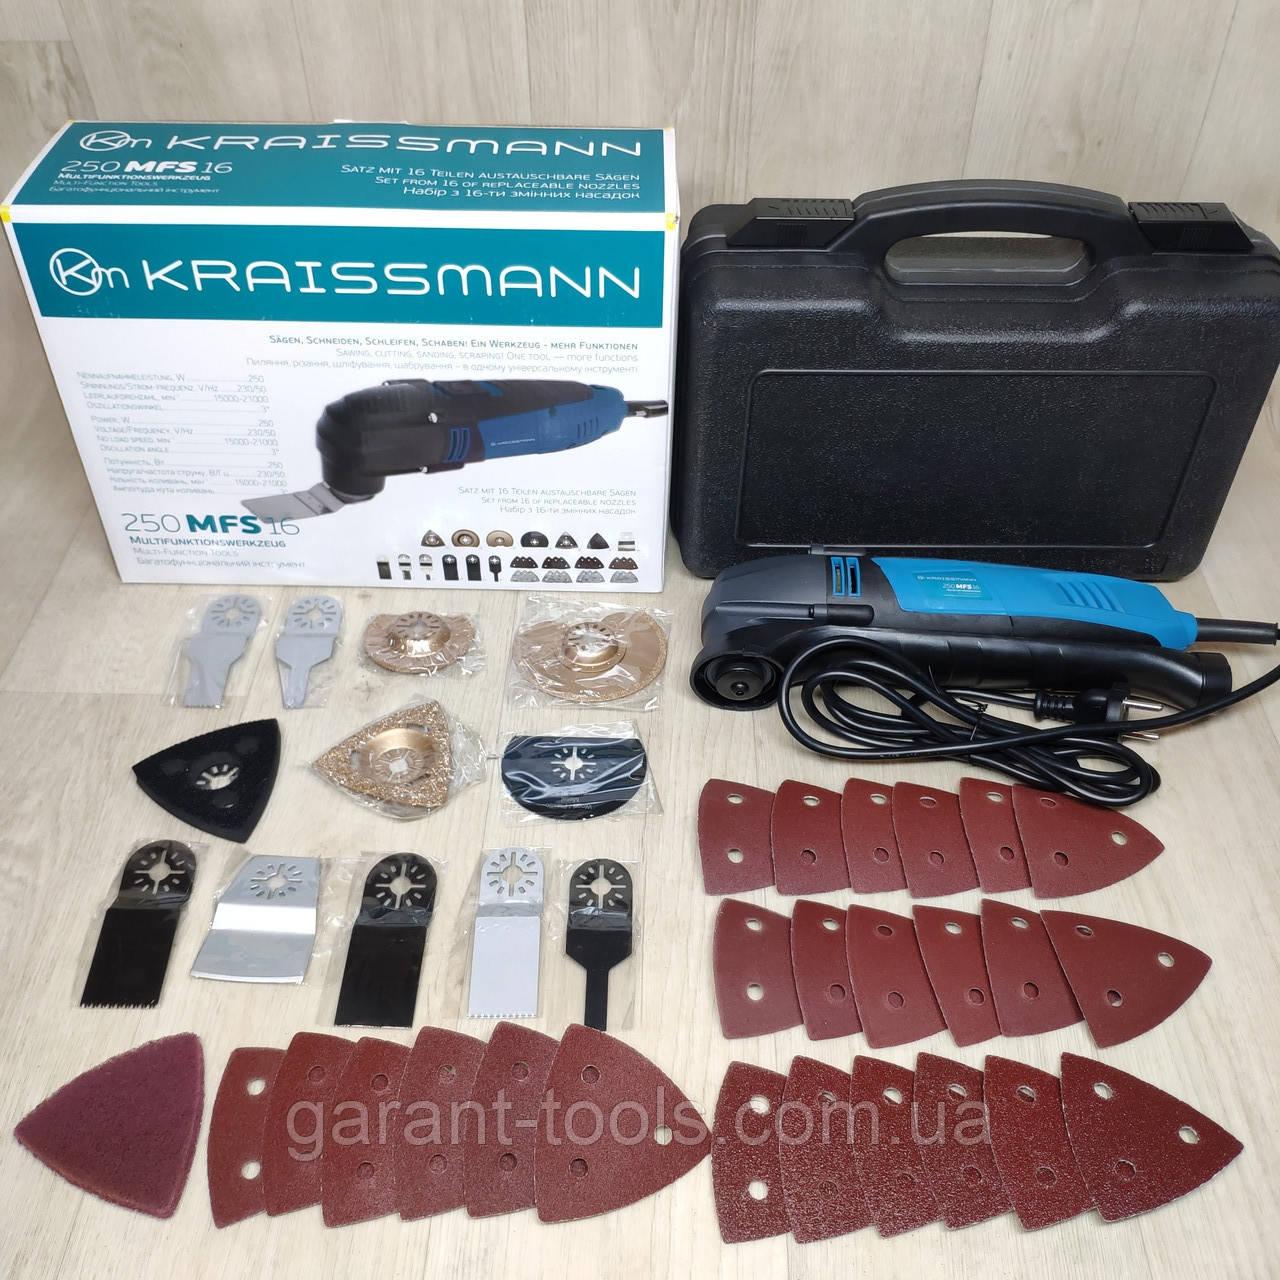 Реноватор Крайсман 250 MFS 15 KRAISSMANN